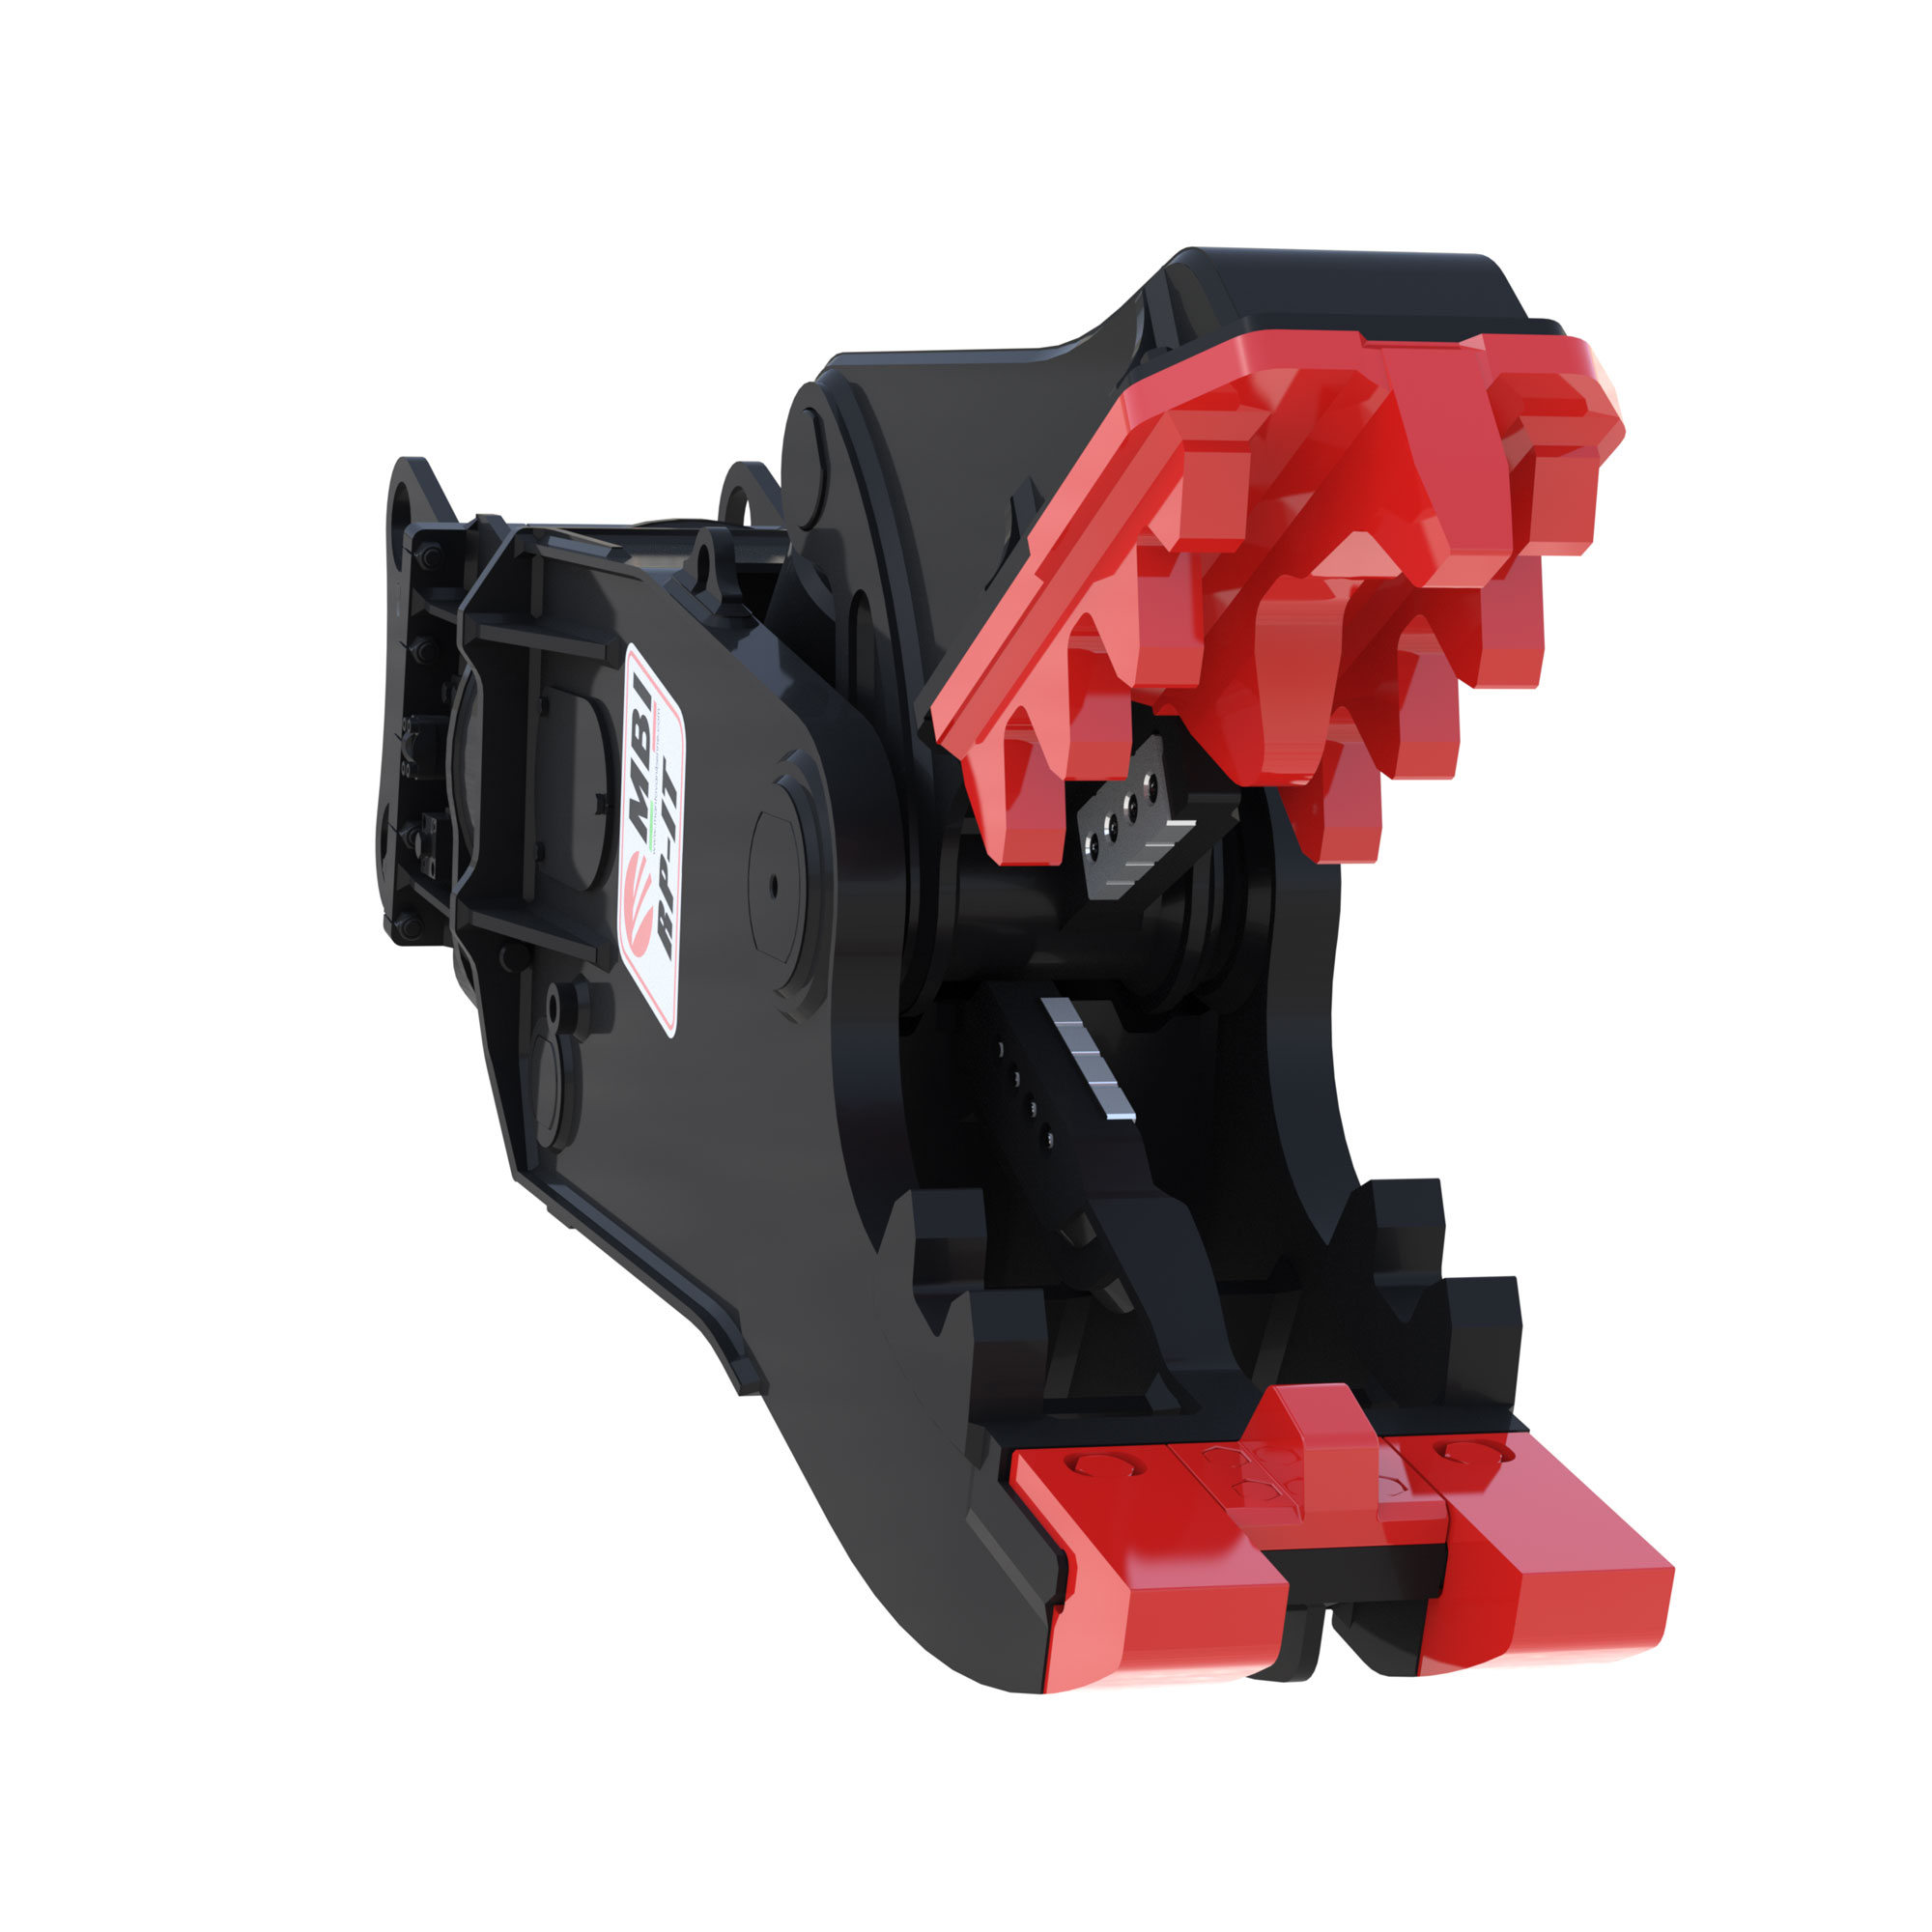 RP-IT frantumatore rotante a denti intercambiabili